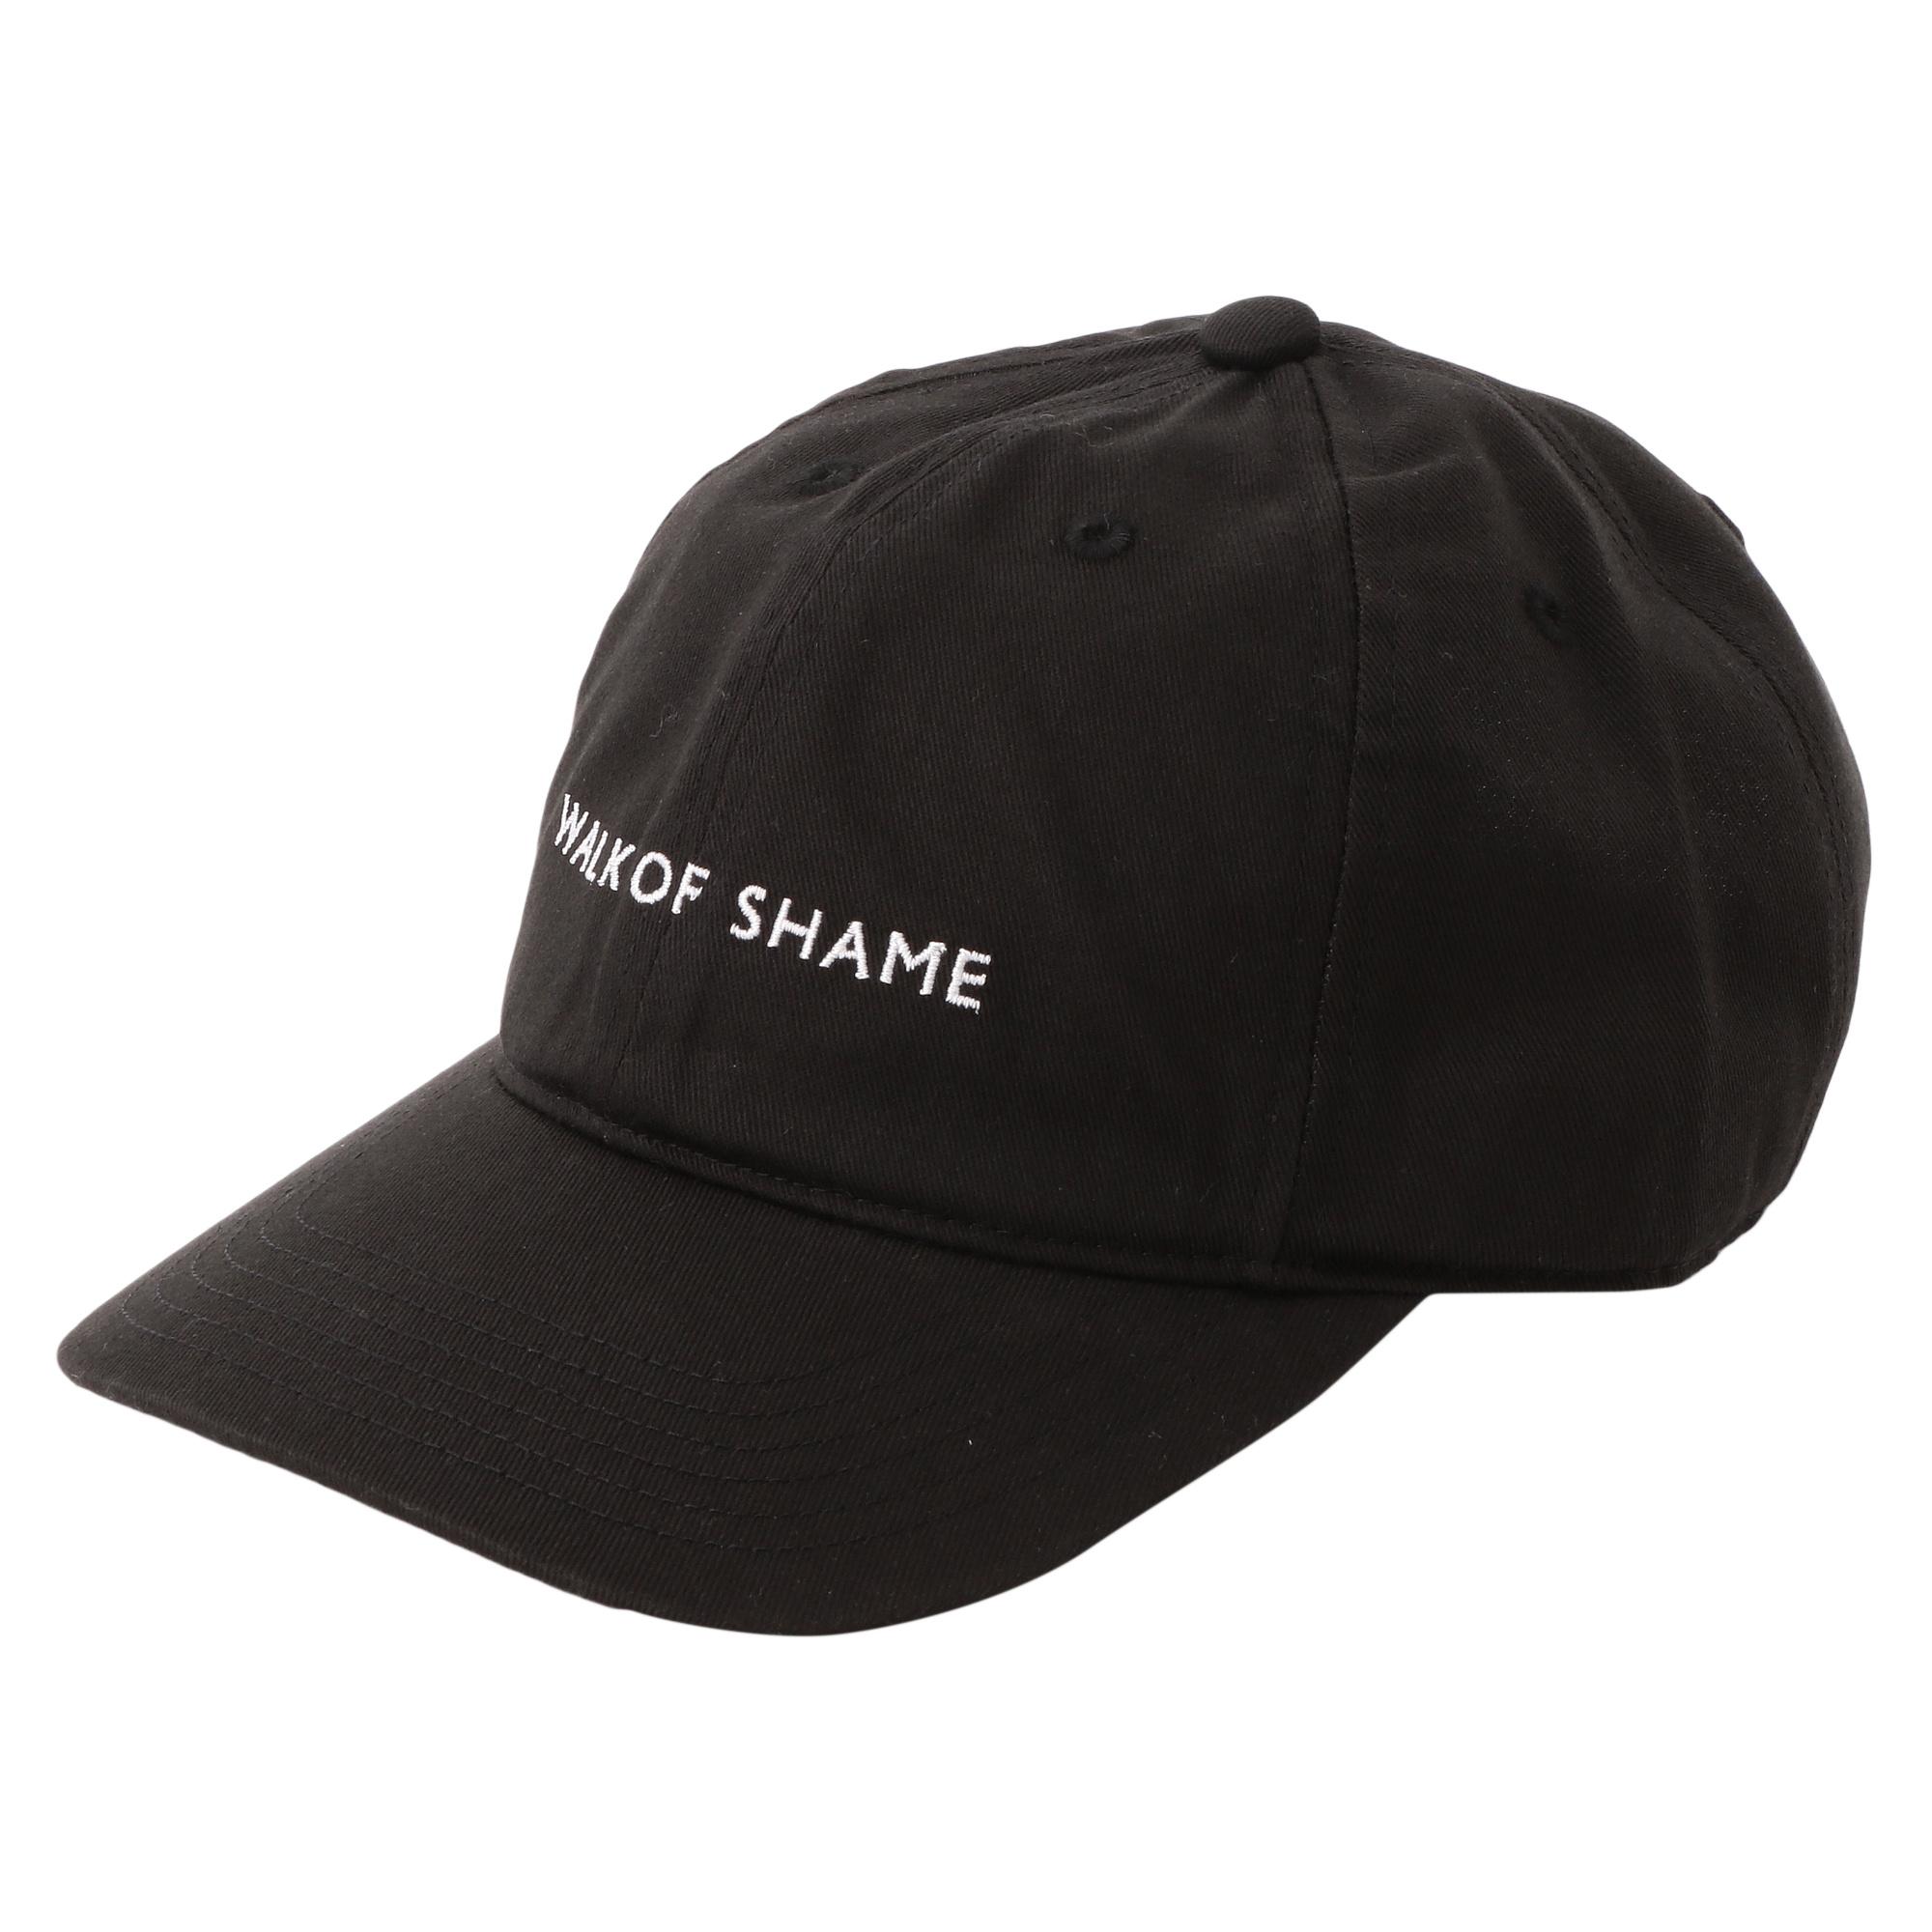 帽子 ハット キャップ レディース Green ウォークオブシェイム 【Walk Of Shame baseball cap】